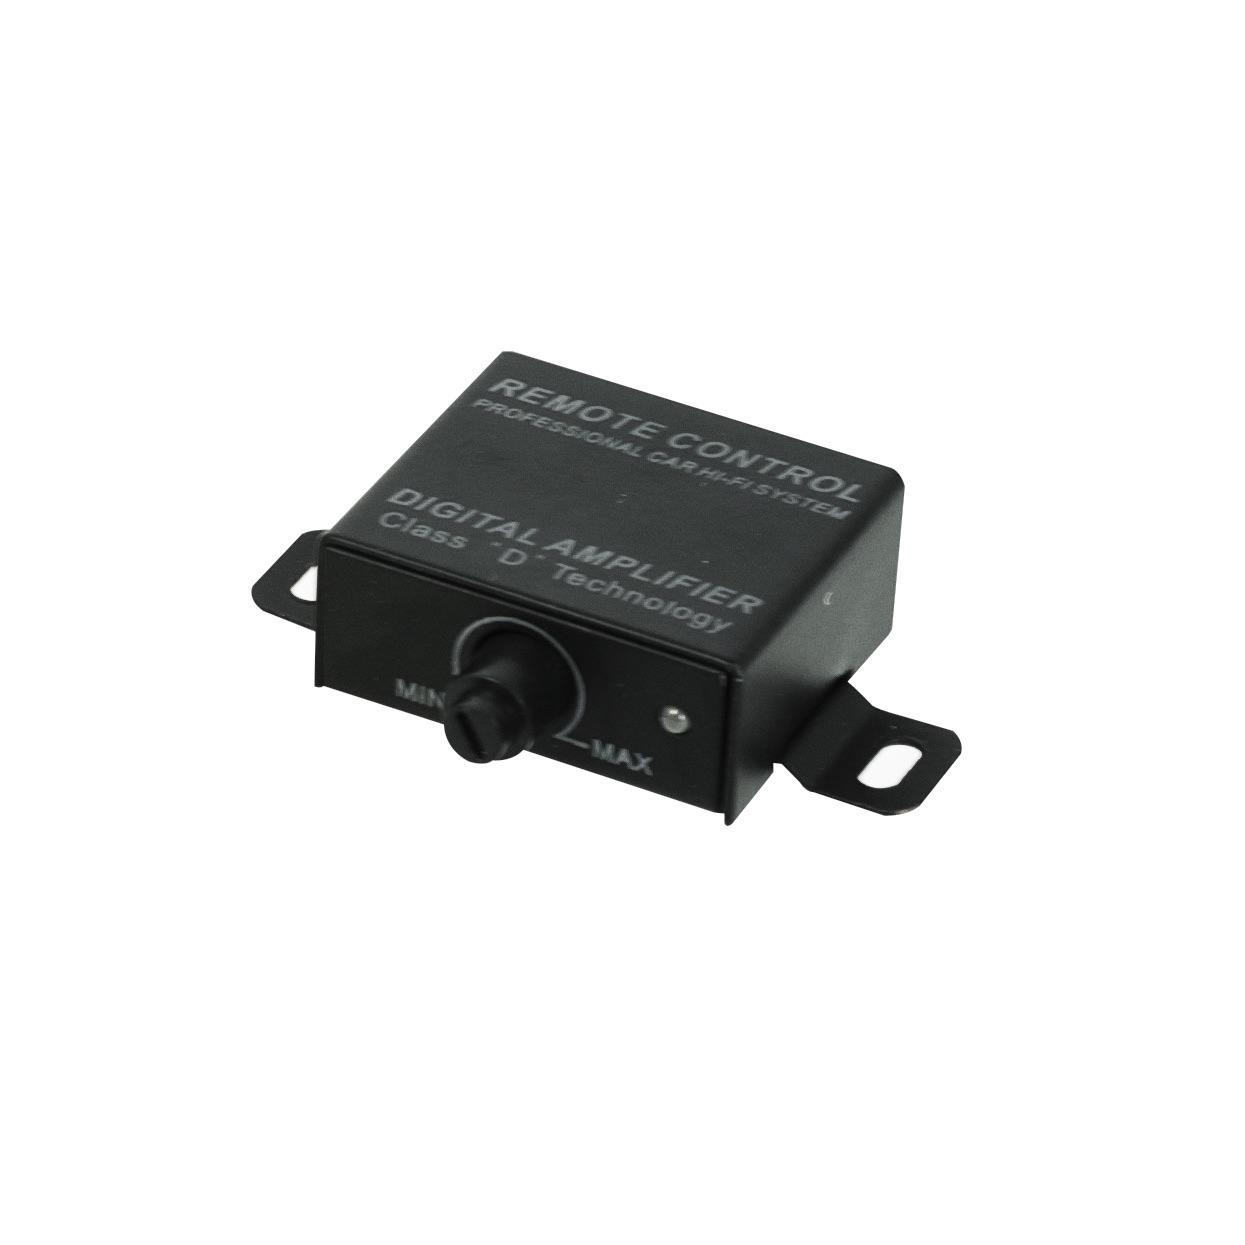 Posso collegare 2 Subs a un amplificatore mono